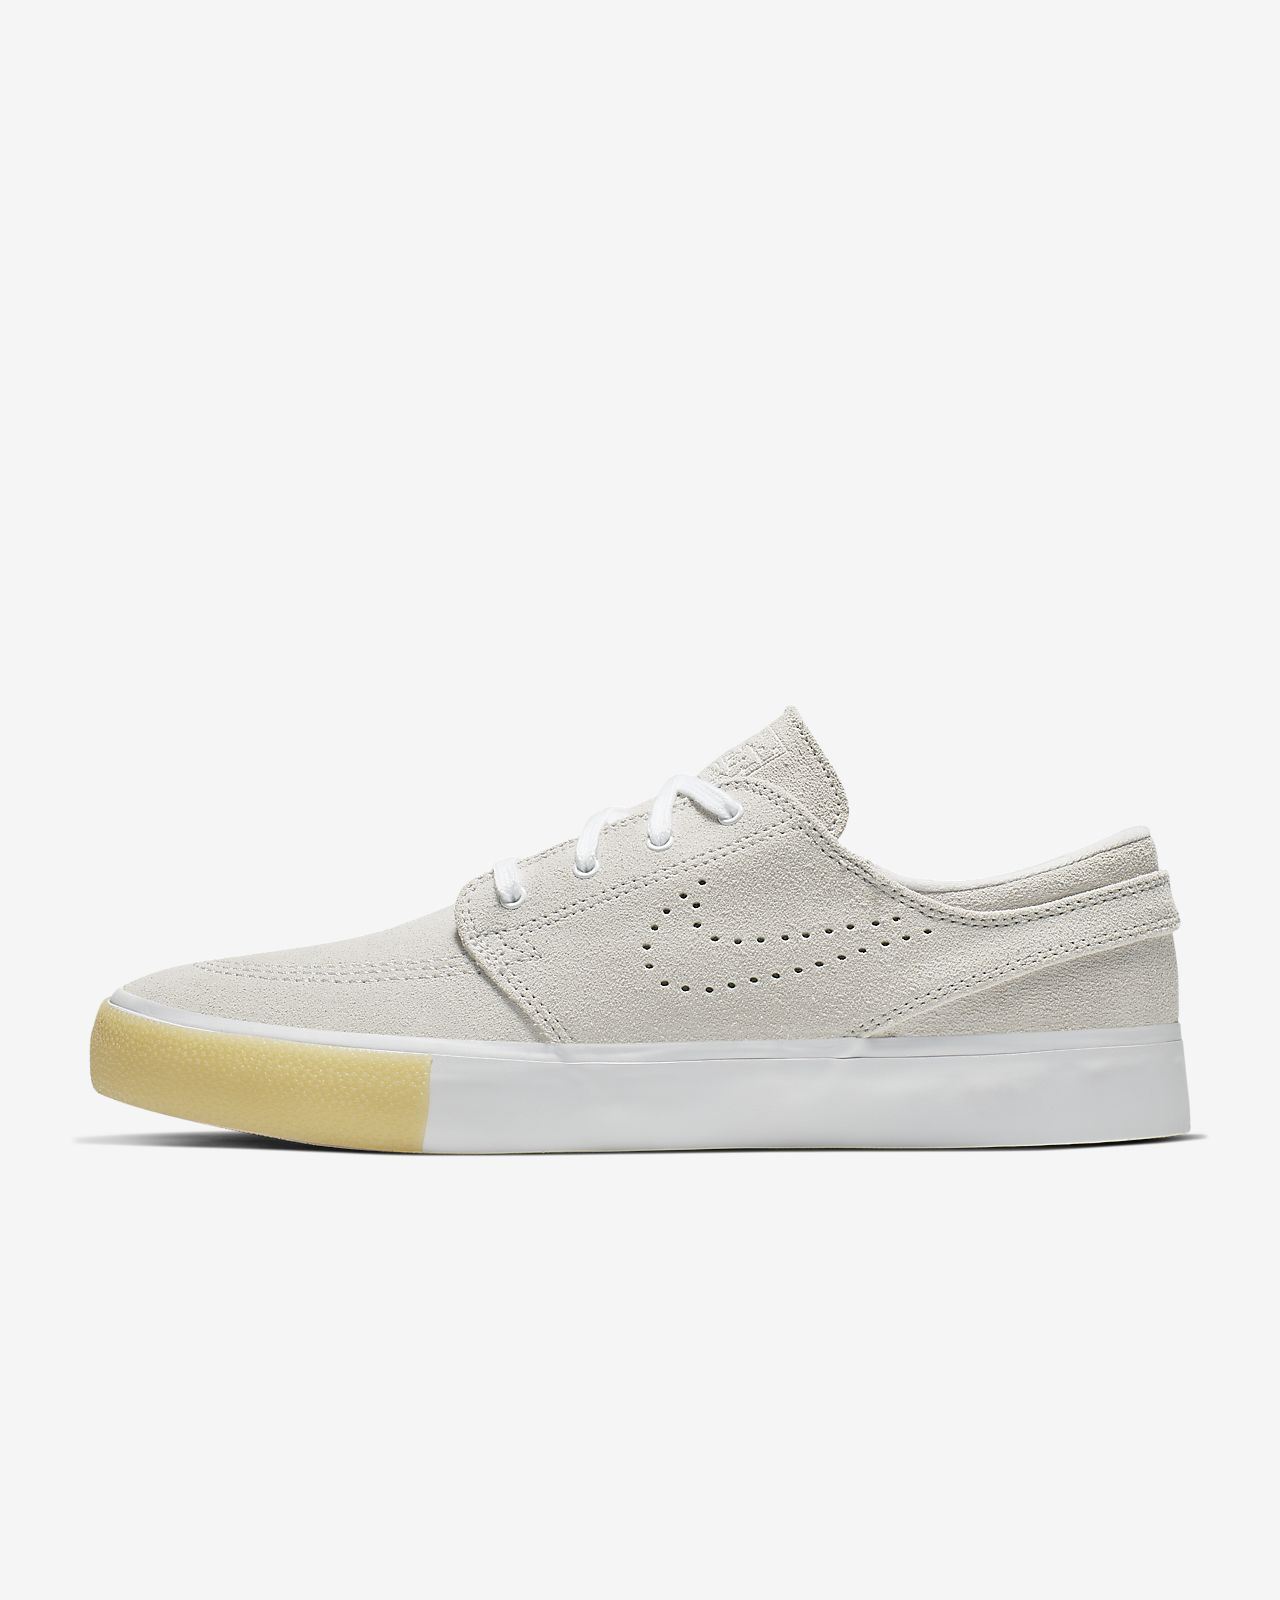 2007a5fe674 Nike SB Zoom Janoski RM SE Skate Shoe. Nike.com CA